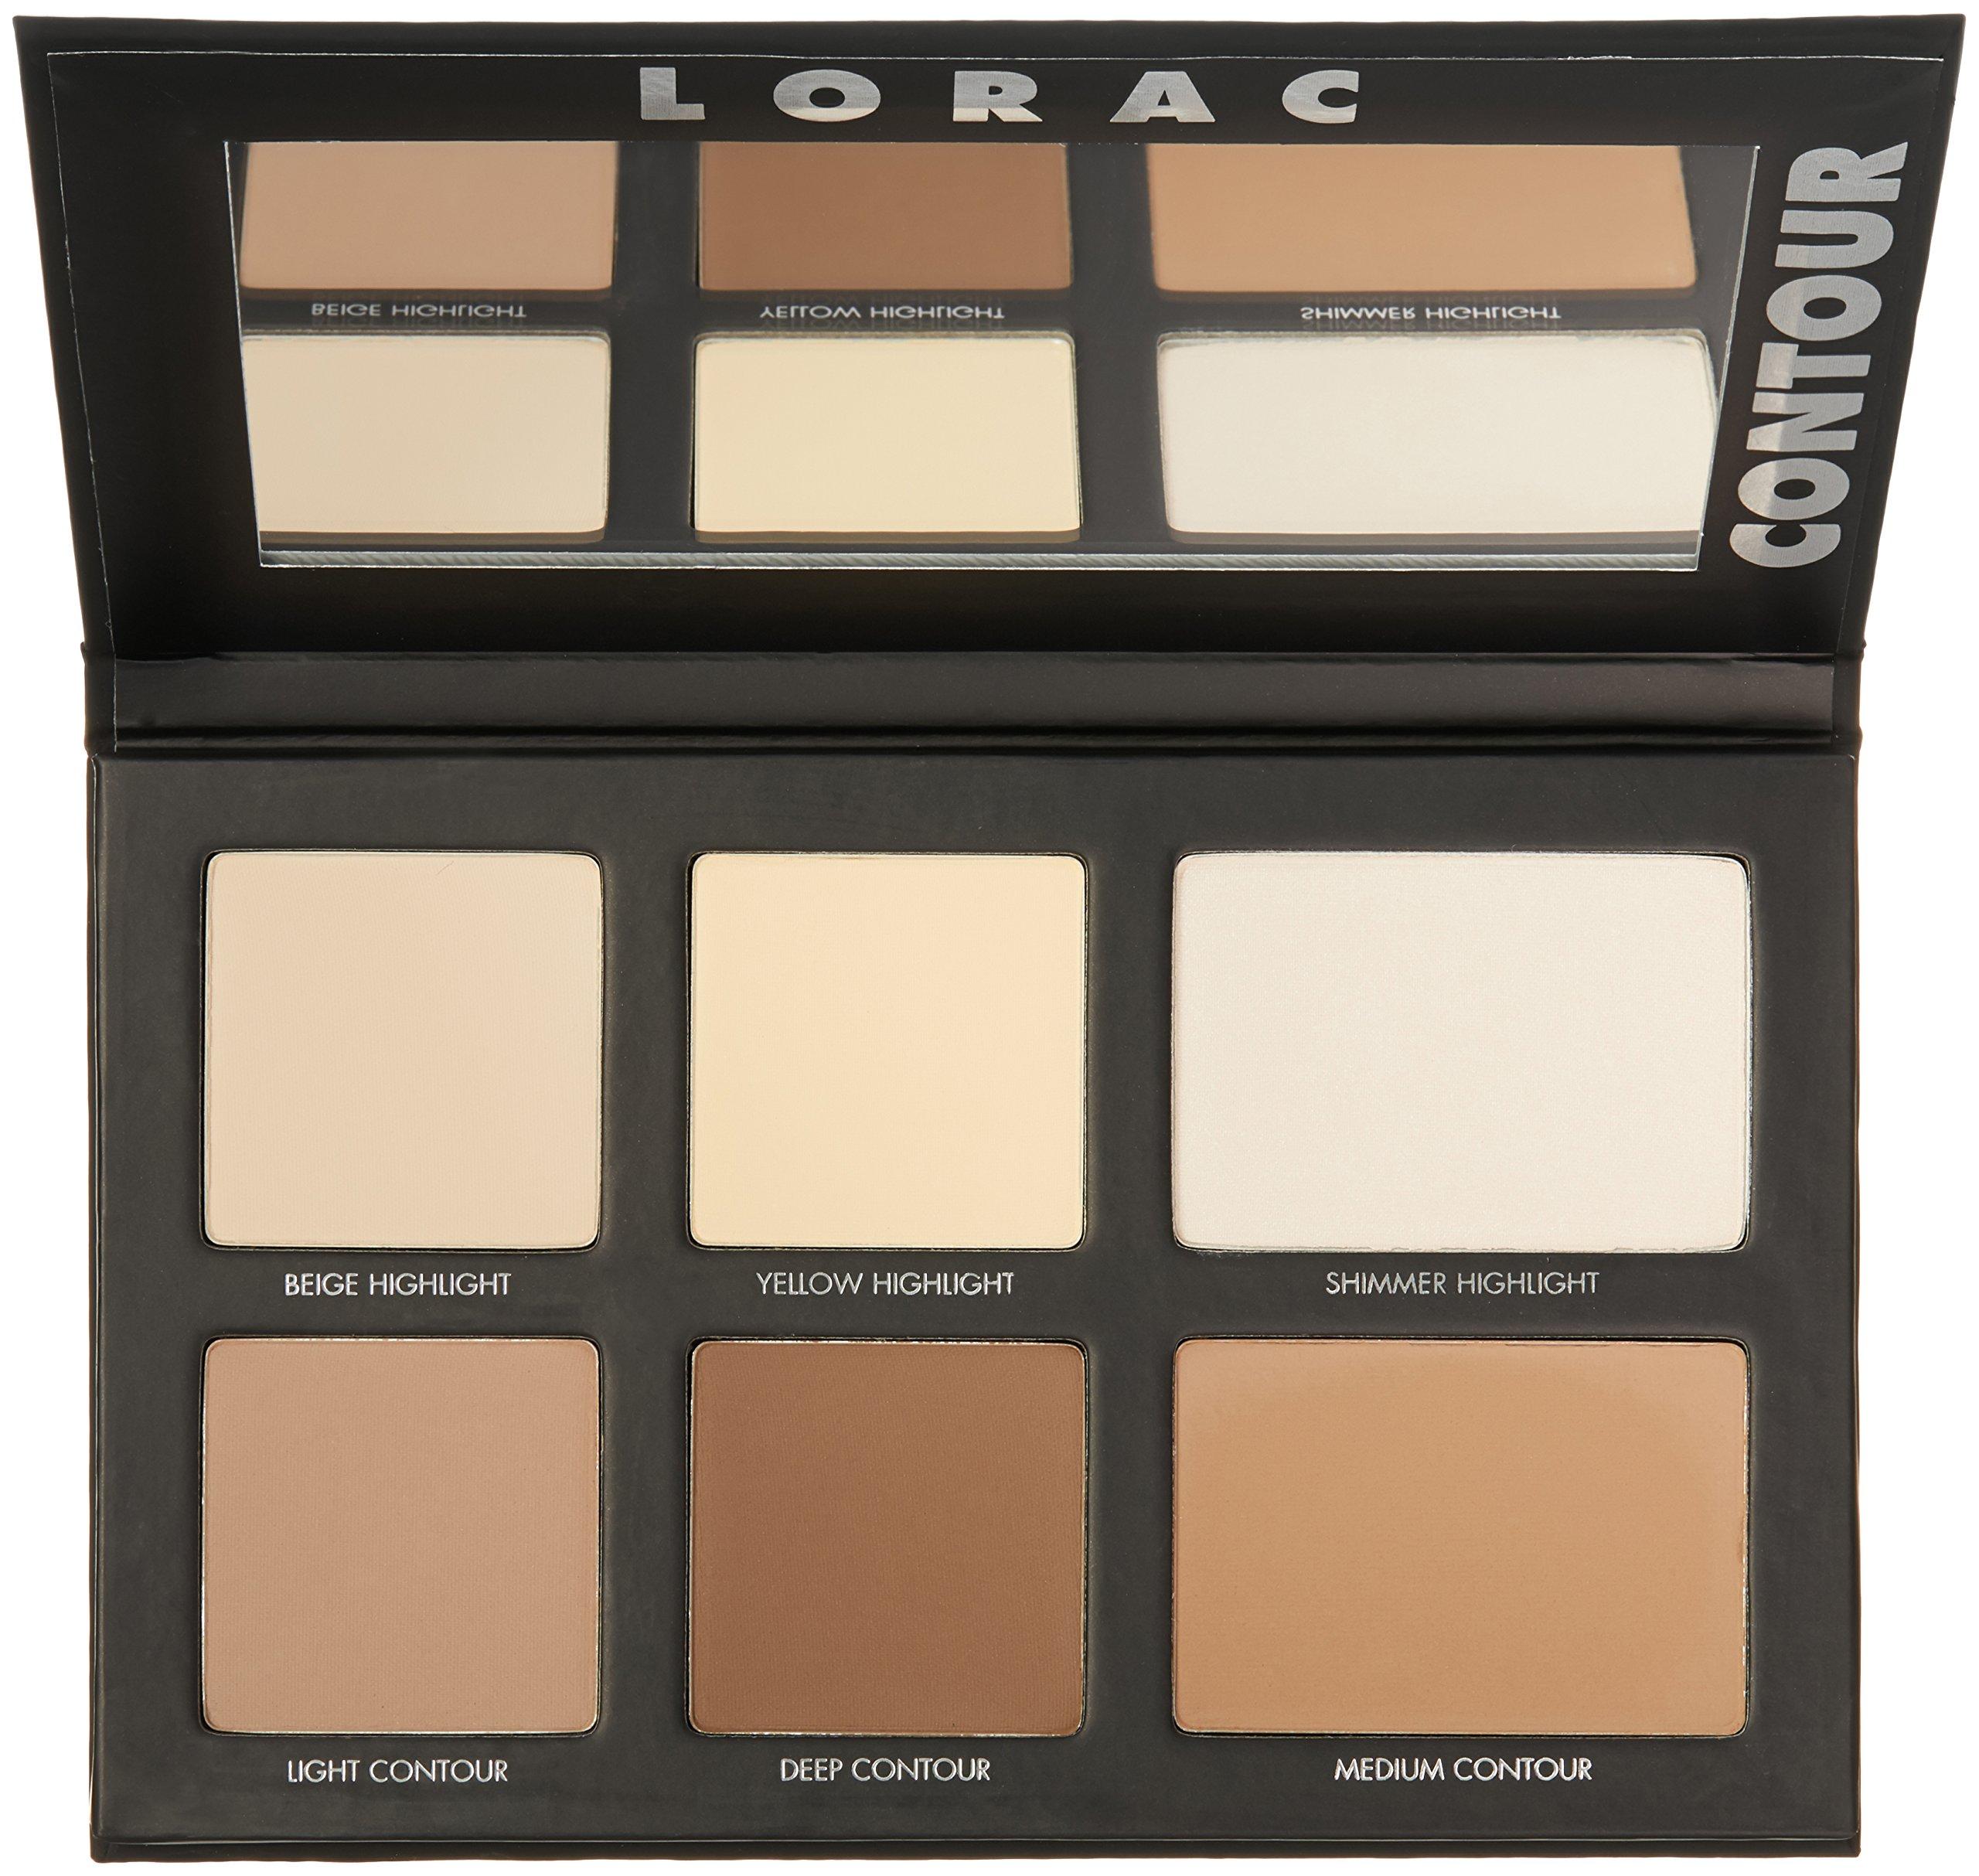 LORAC Pro Contour Palette Plus Contour Brush by LORAC (Image #6)